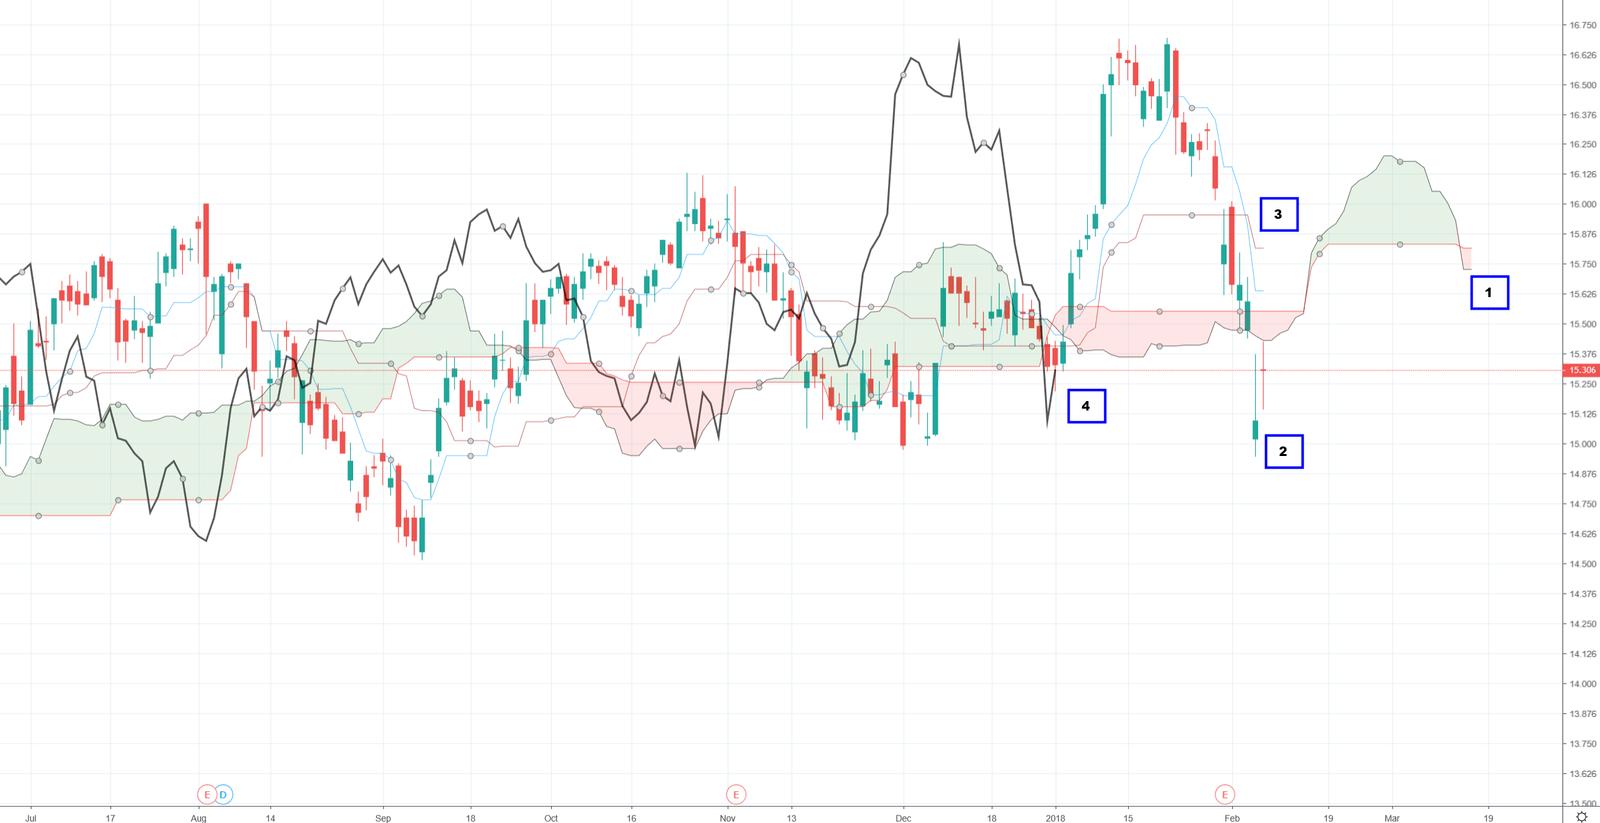 Ichimoku handelsstrategie short - ichimoku indicator